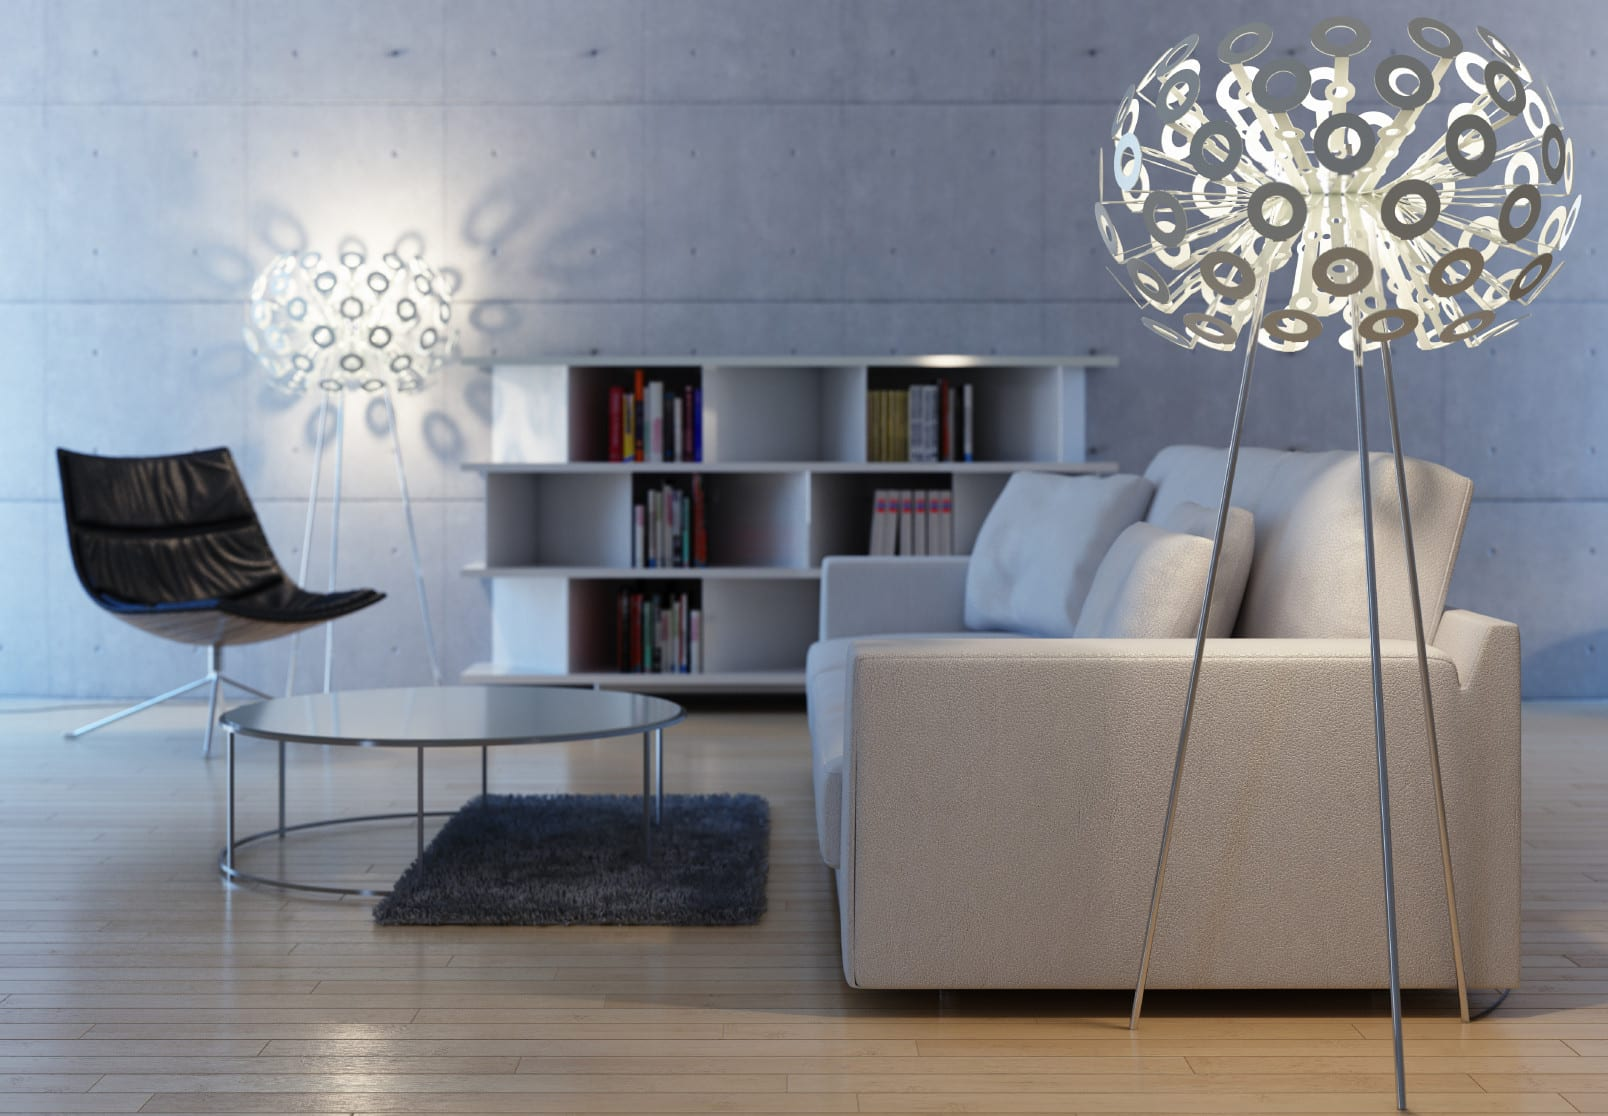 wohnzimmer ideen für modernes wohnzimmer design mit sofa weiß und rundem couchtisch glas und indirekte beleuchtung wohnzimmer mit stehleuchten